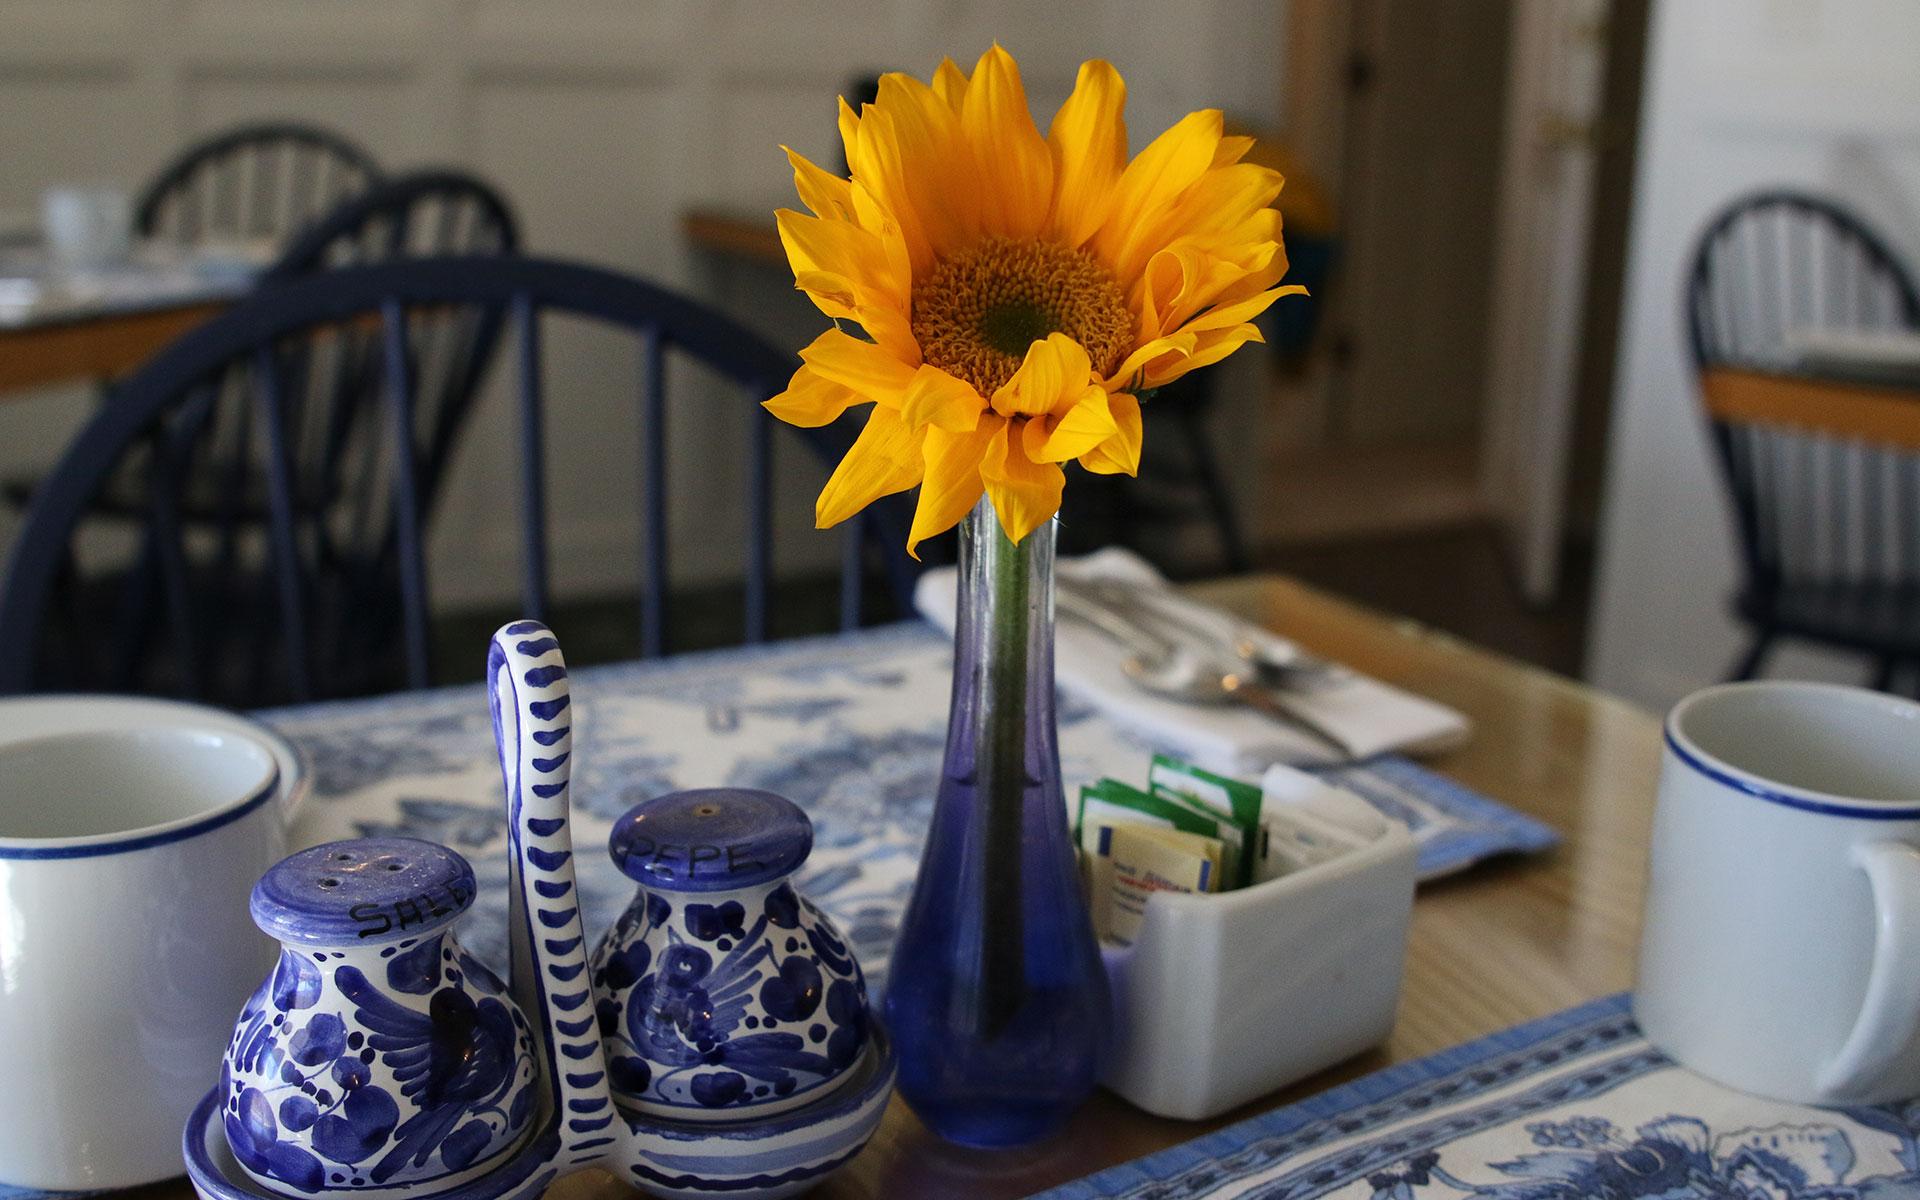 Sunflower_on-table_IMG_7346.jpg